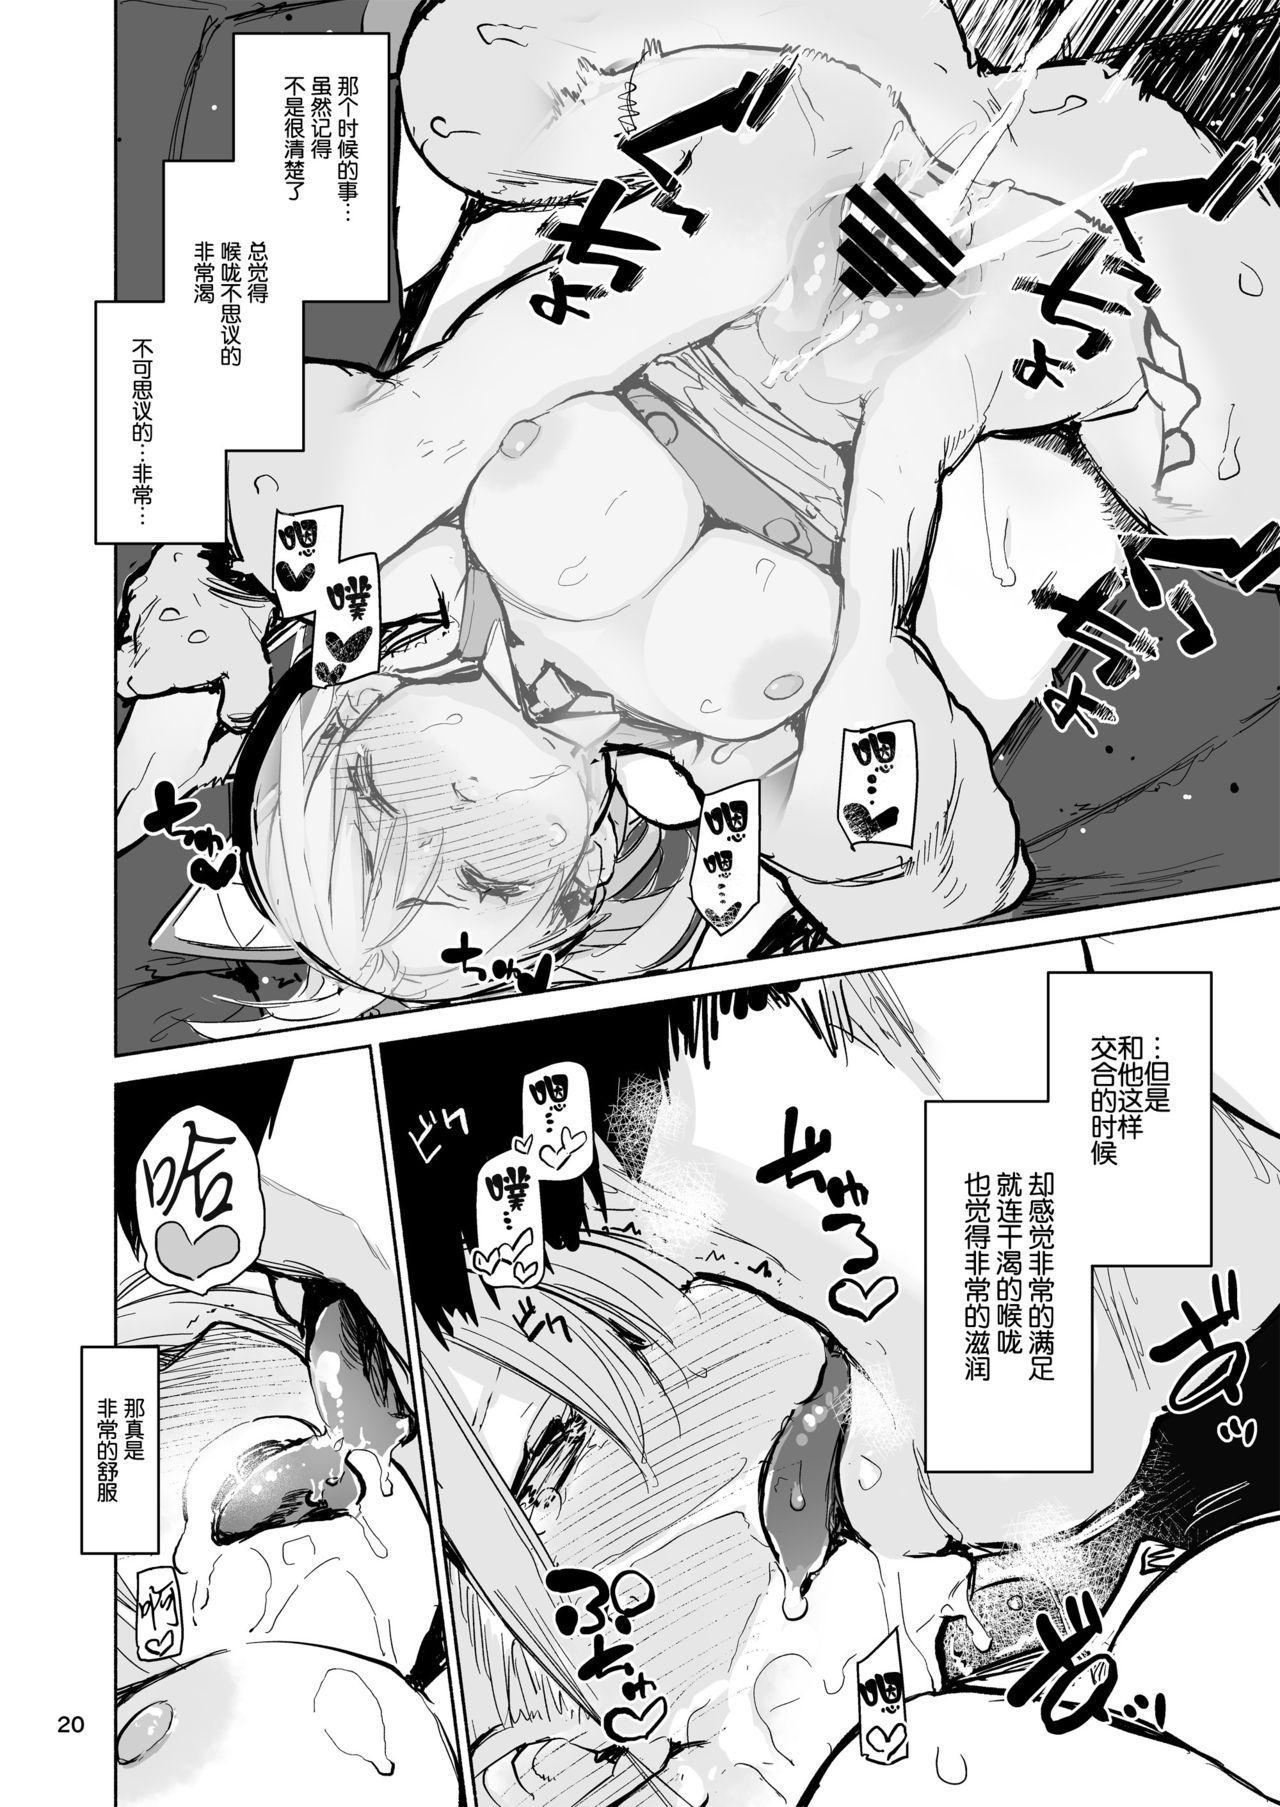 Myuka-chan wa Kotowarenai. 19